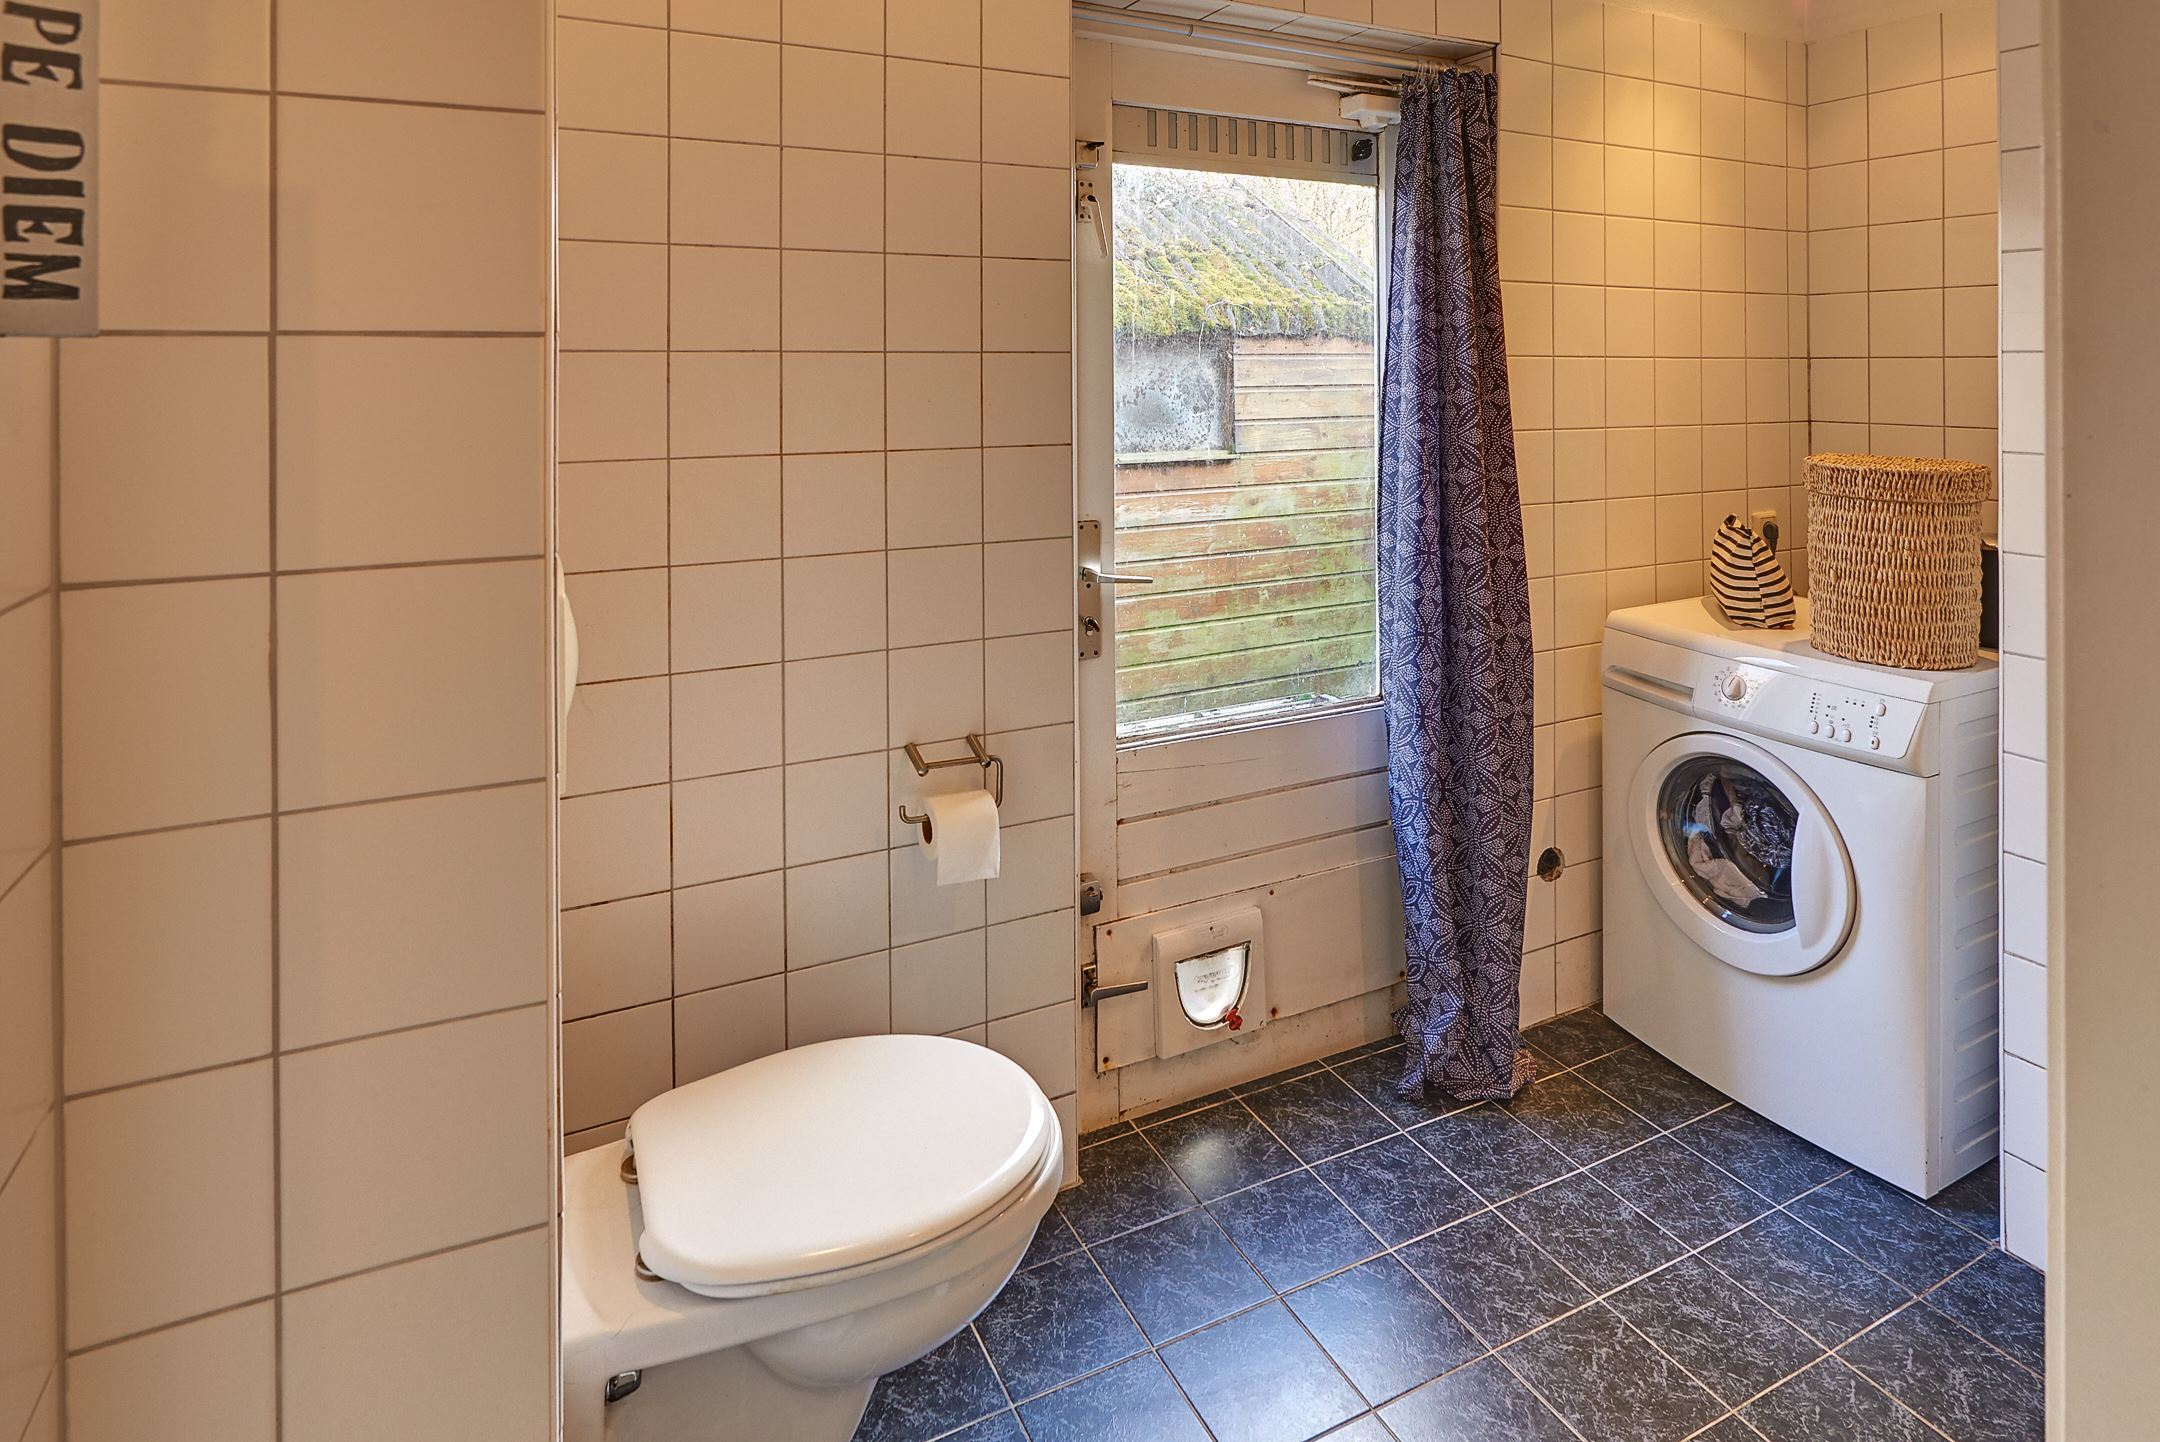 Verkocht vollenhovemeen 5 3844 nc harderwijk funda for Funda dubbele bewoning